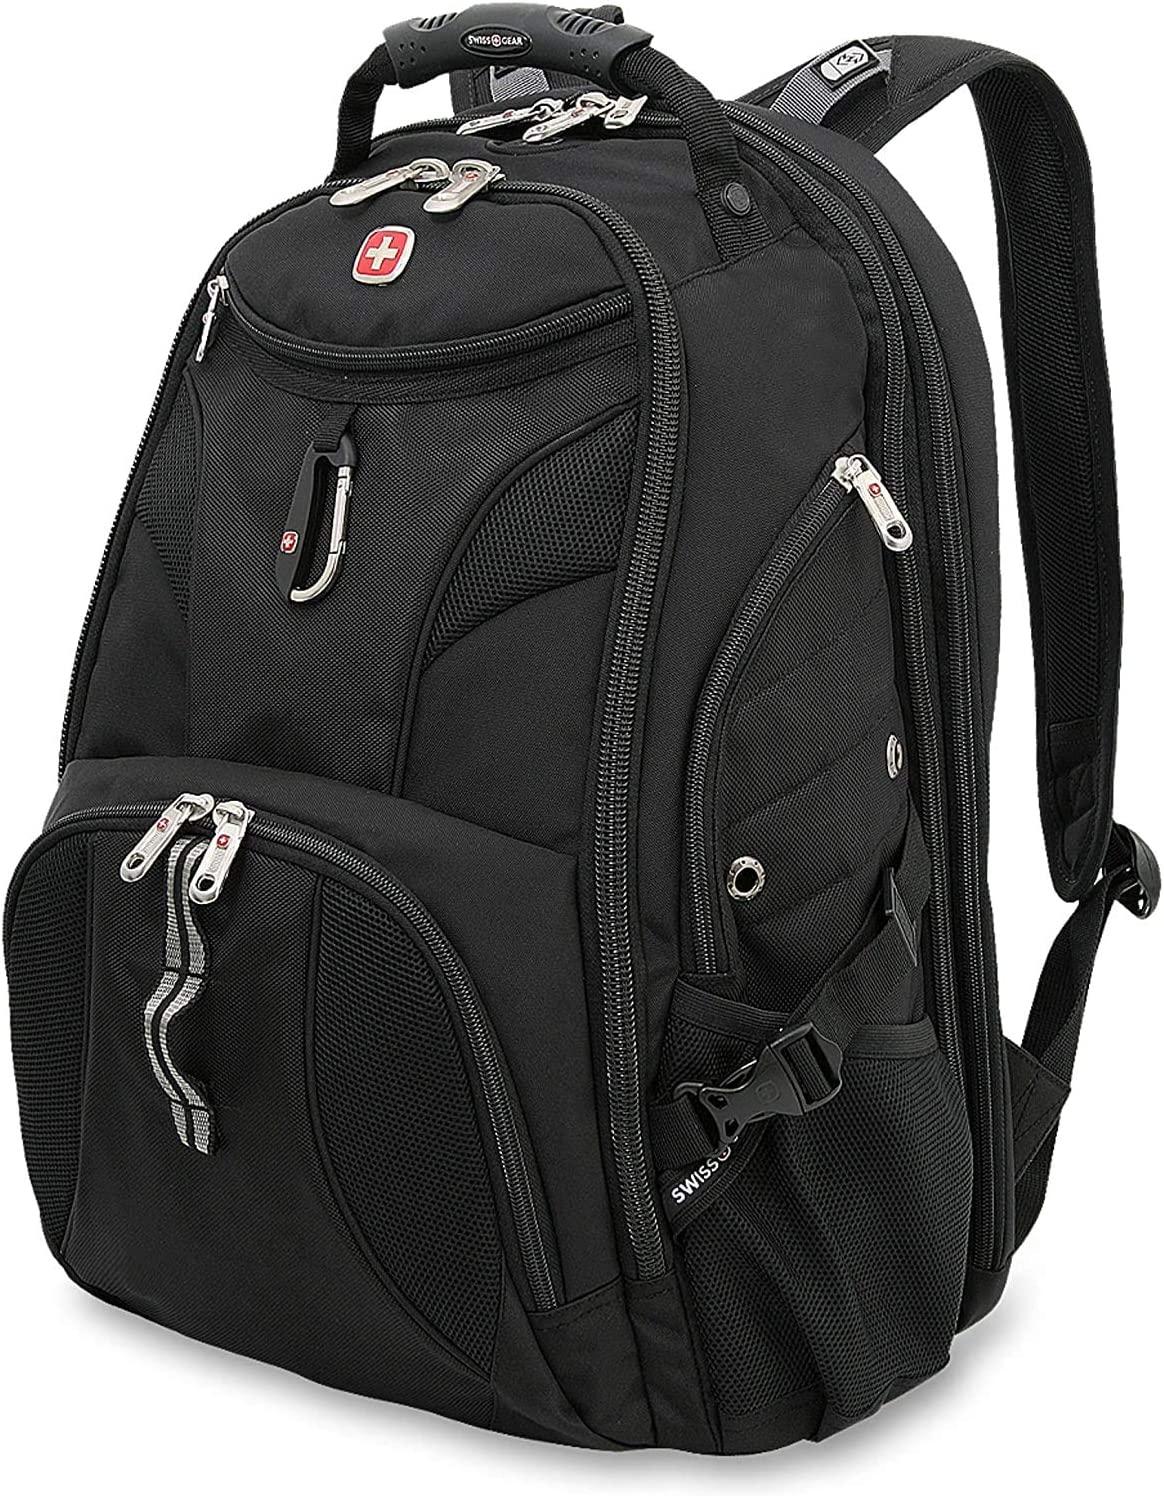 SwissGear 1900 Scansmart TSA 17-Inch Laptop Backpack, Blue/Black